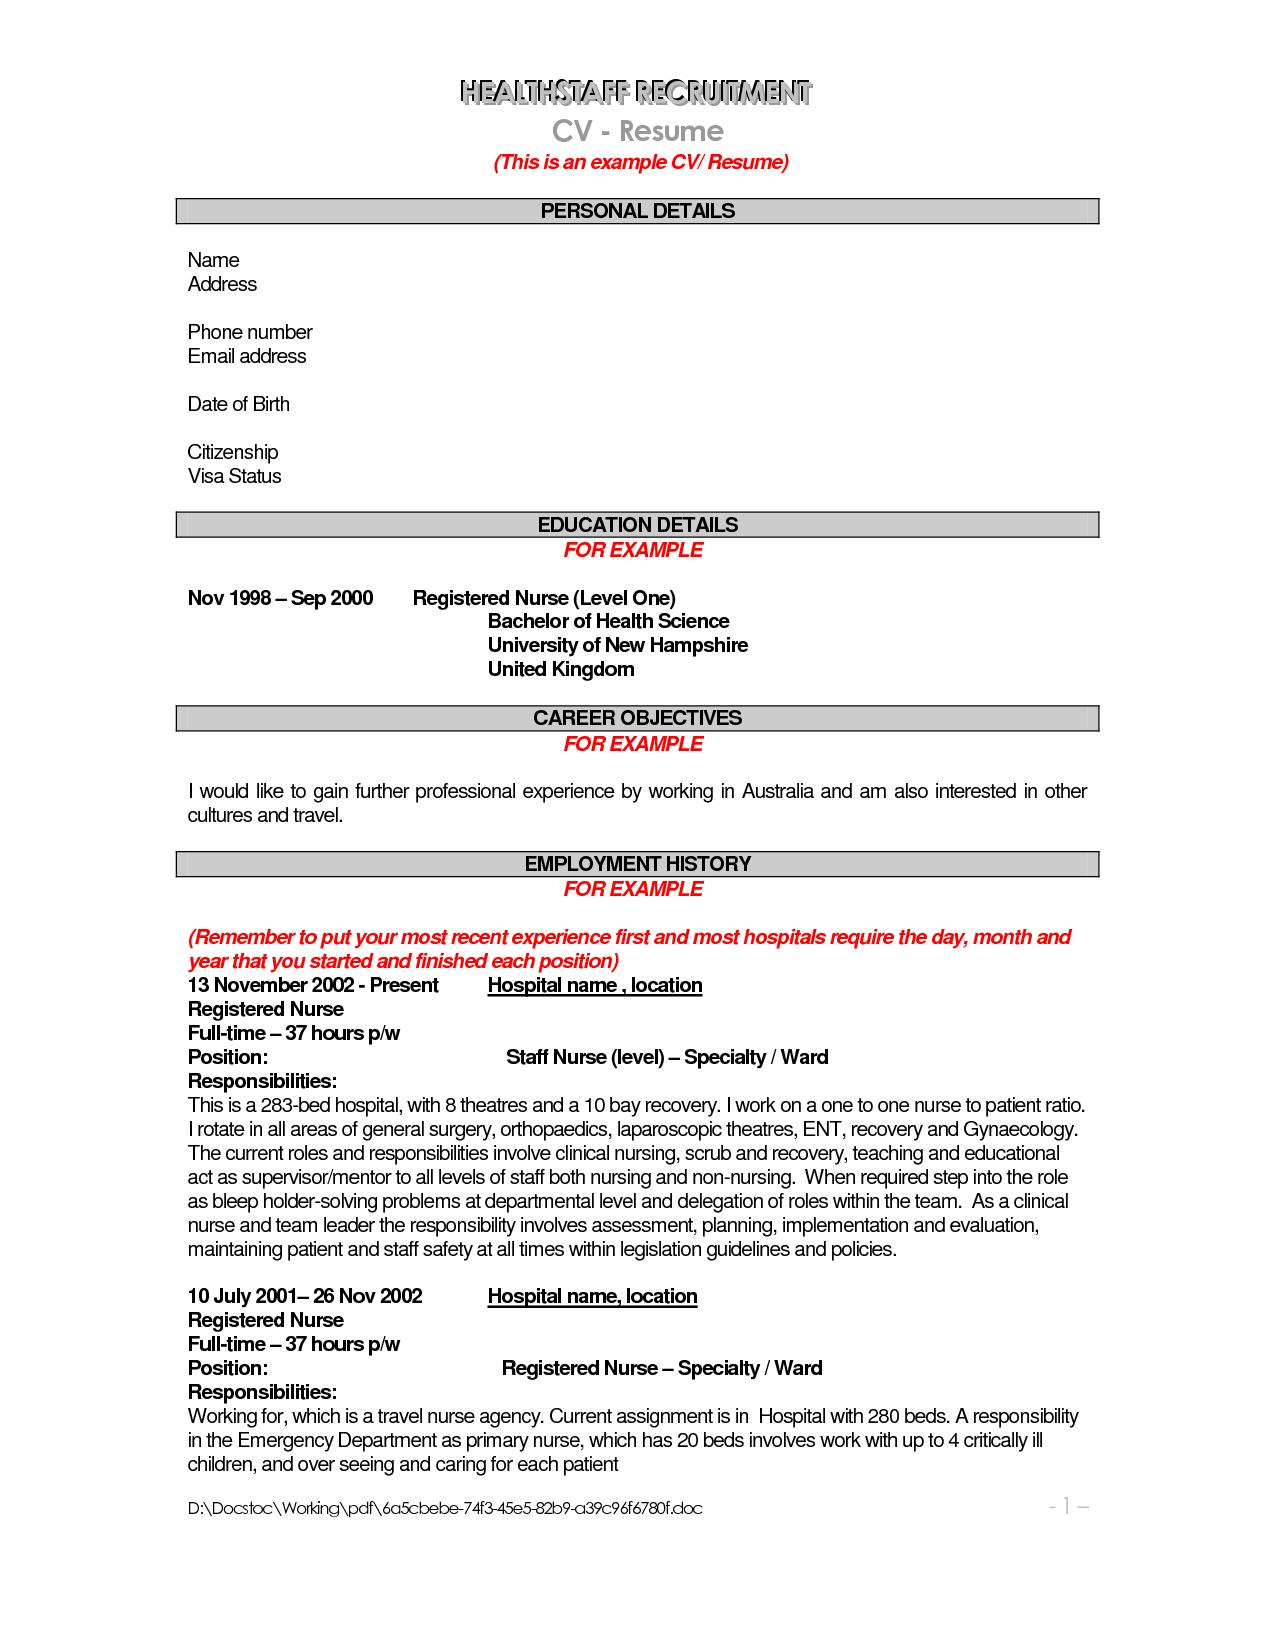 Resume Examples Job Descriptions #descriptions #examples #resume  #ResumeExamples